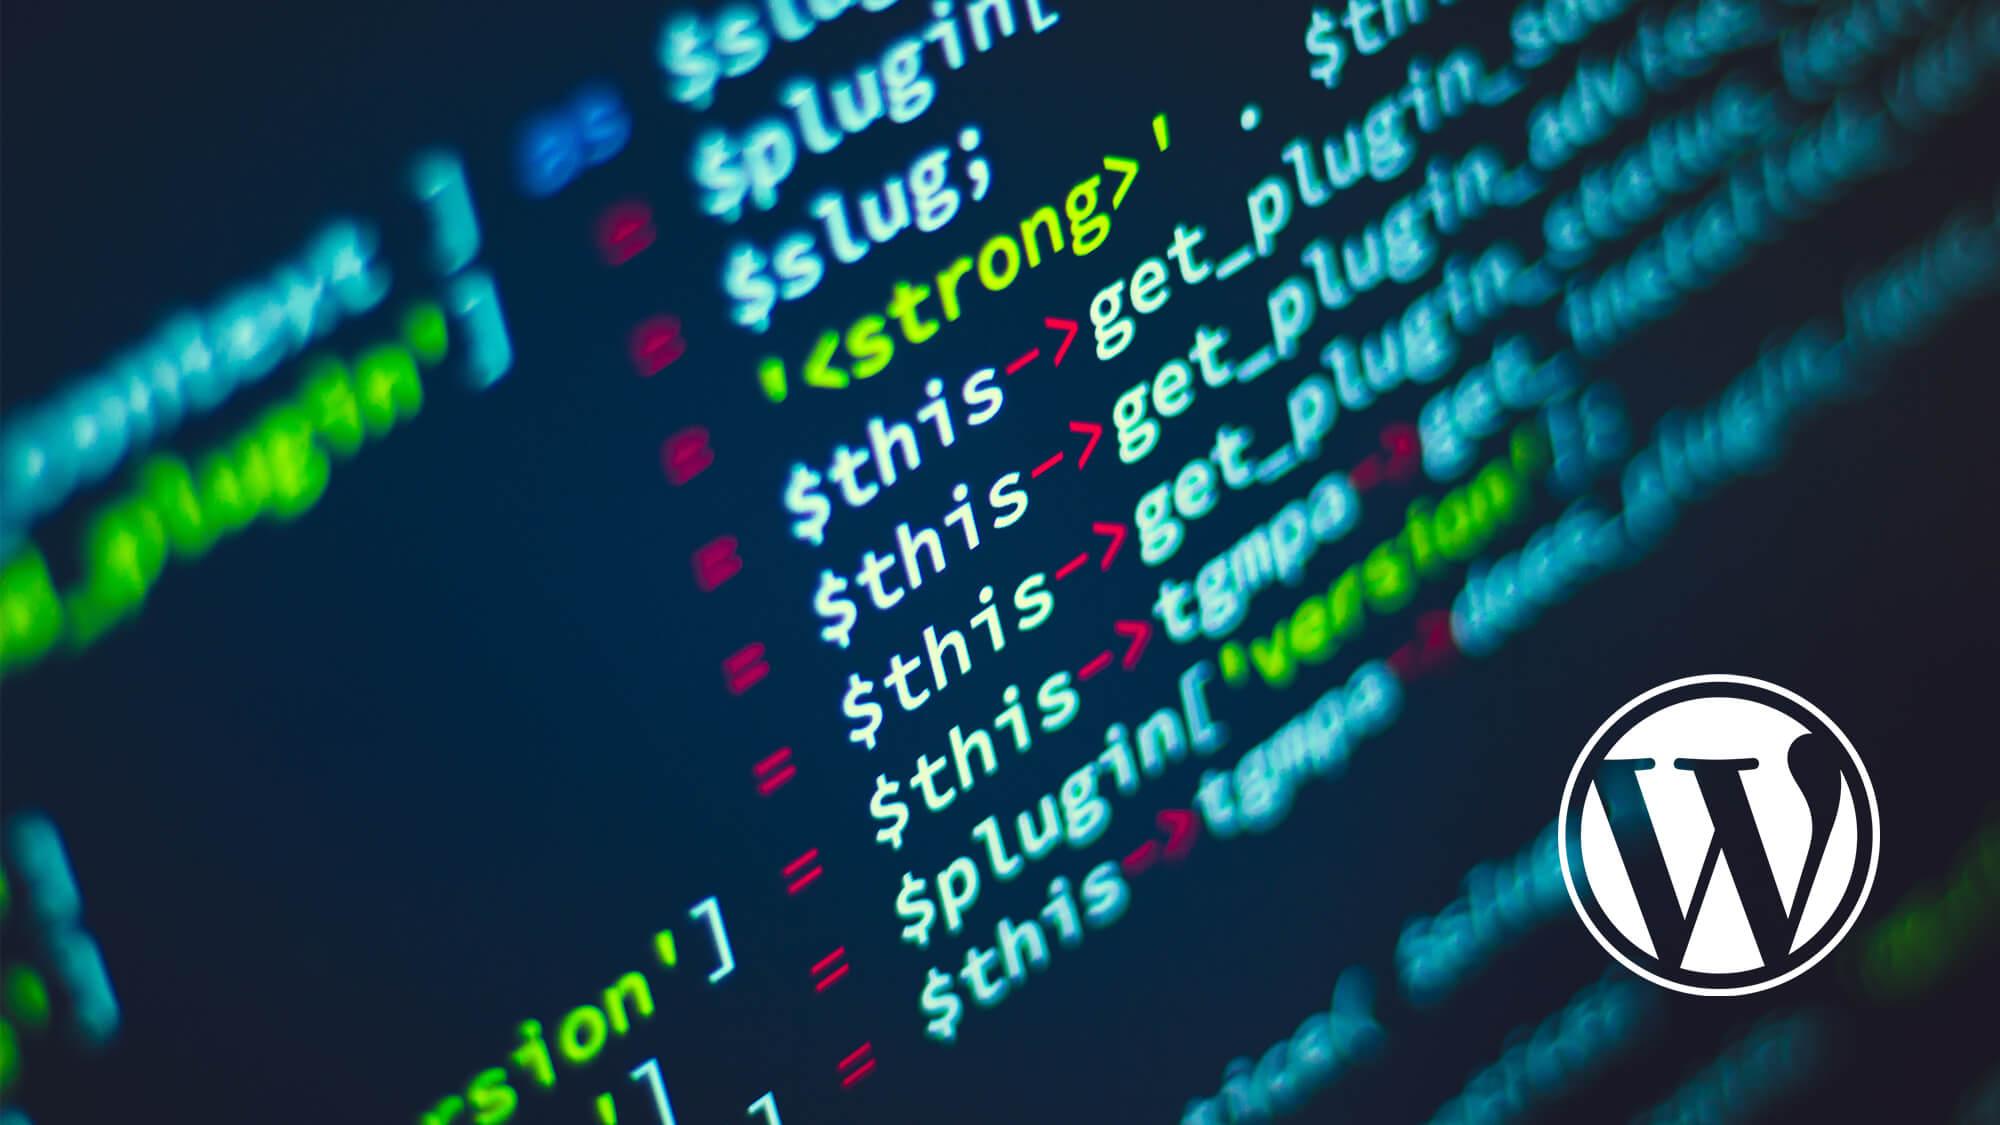 mit-kell-tudnia-egy-wordpress-fejlesztonek-2021-ben-kiket-nevezhetunk-wordpress-developernek